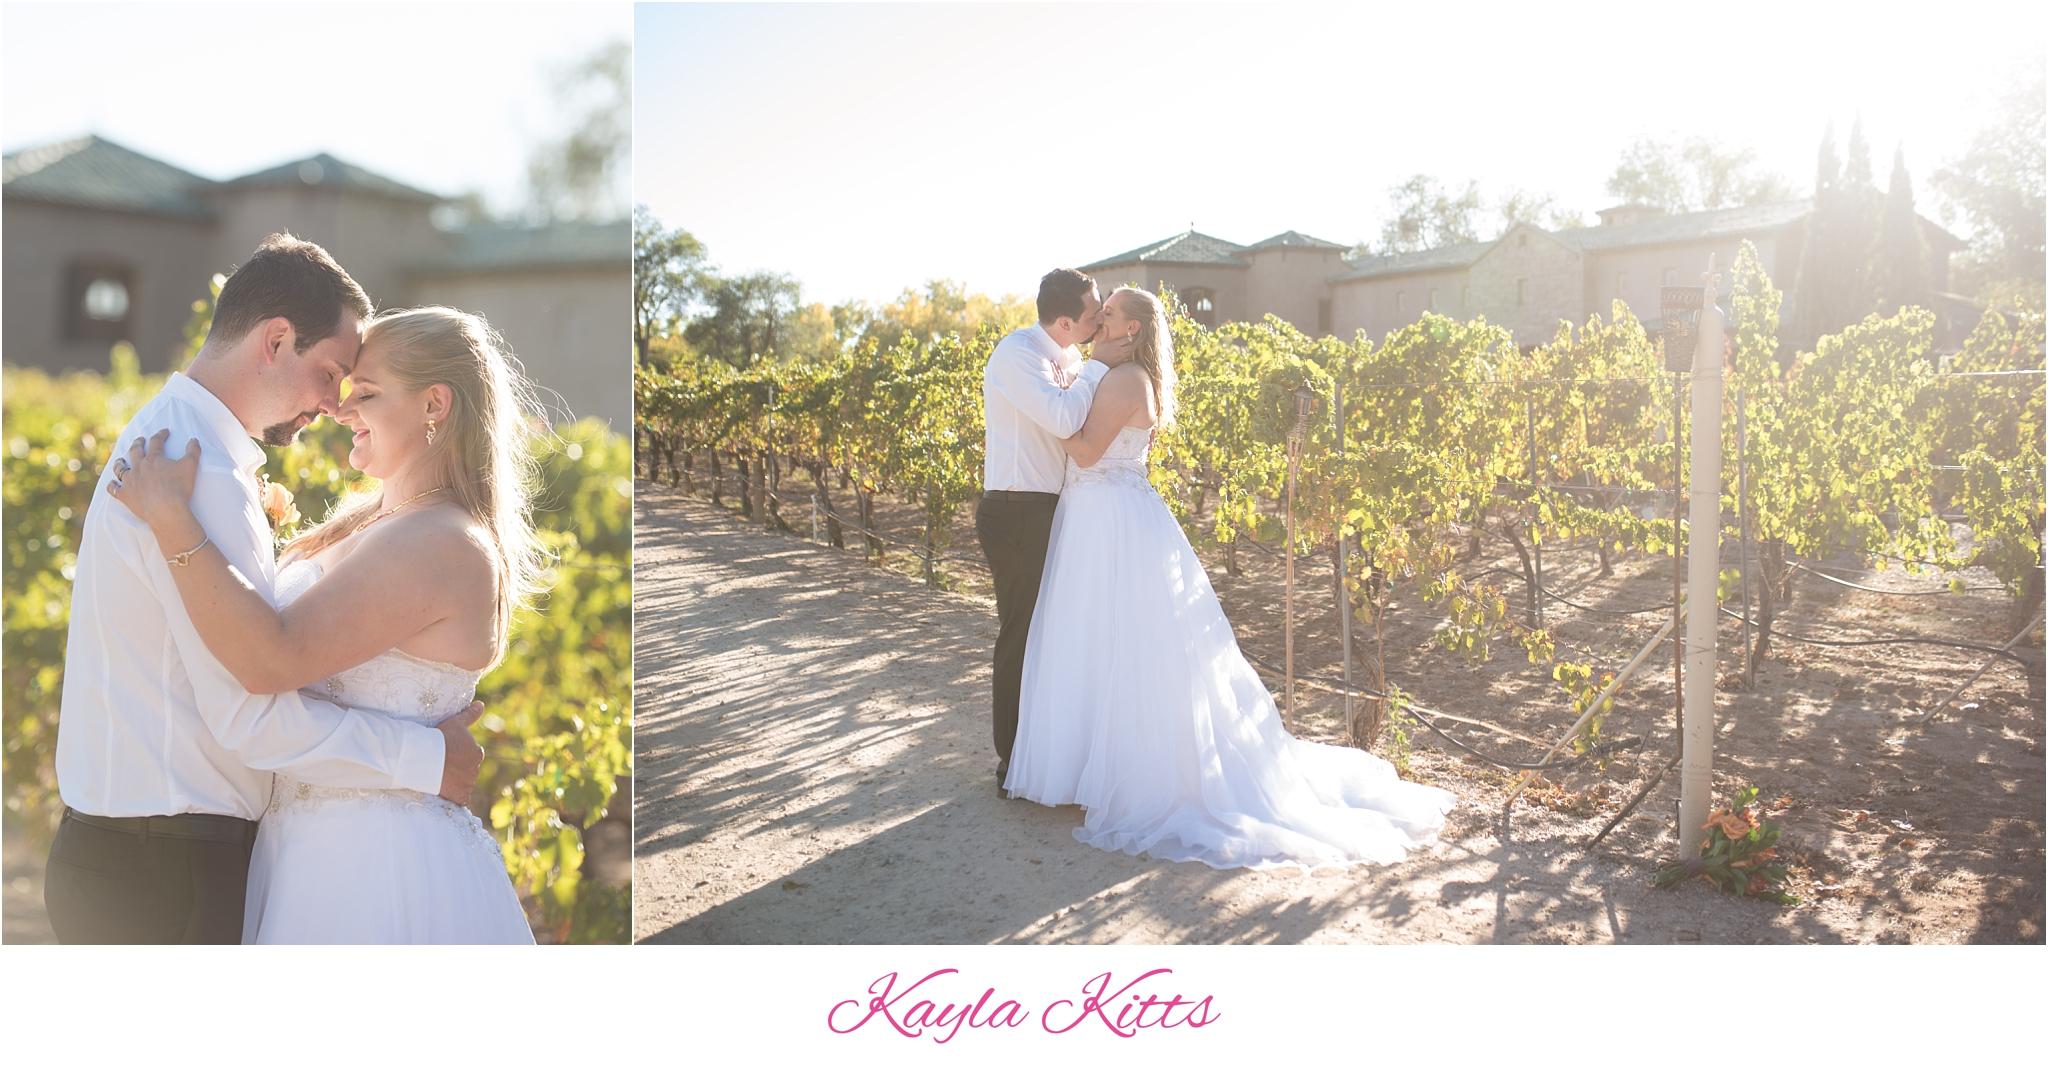 kayla kitts photography - albuquerque wedding photographer - albuquerque wedding photography - albuquerque venue - casa rondena - casa rondea wedding - new mexico wedding photographer_0016.jpg